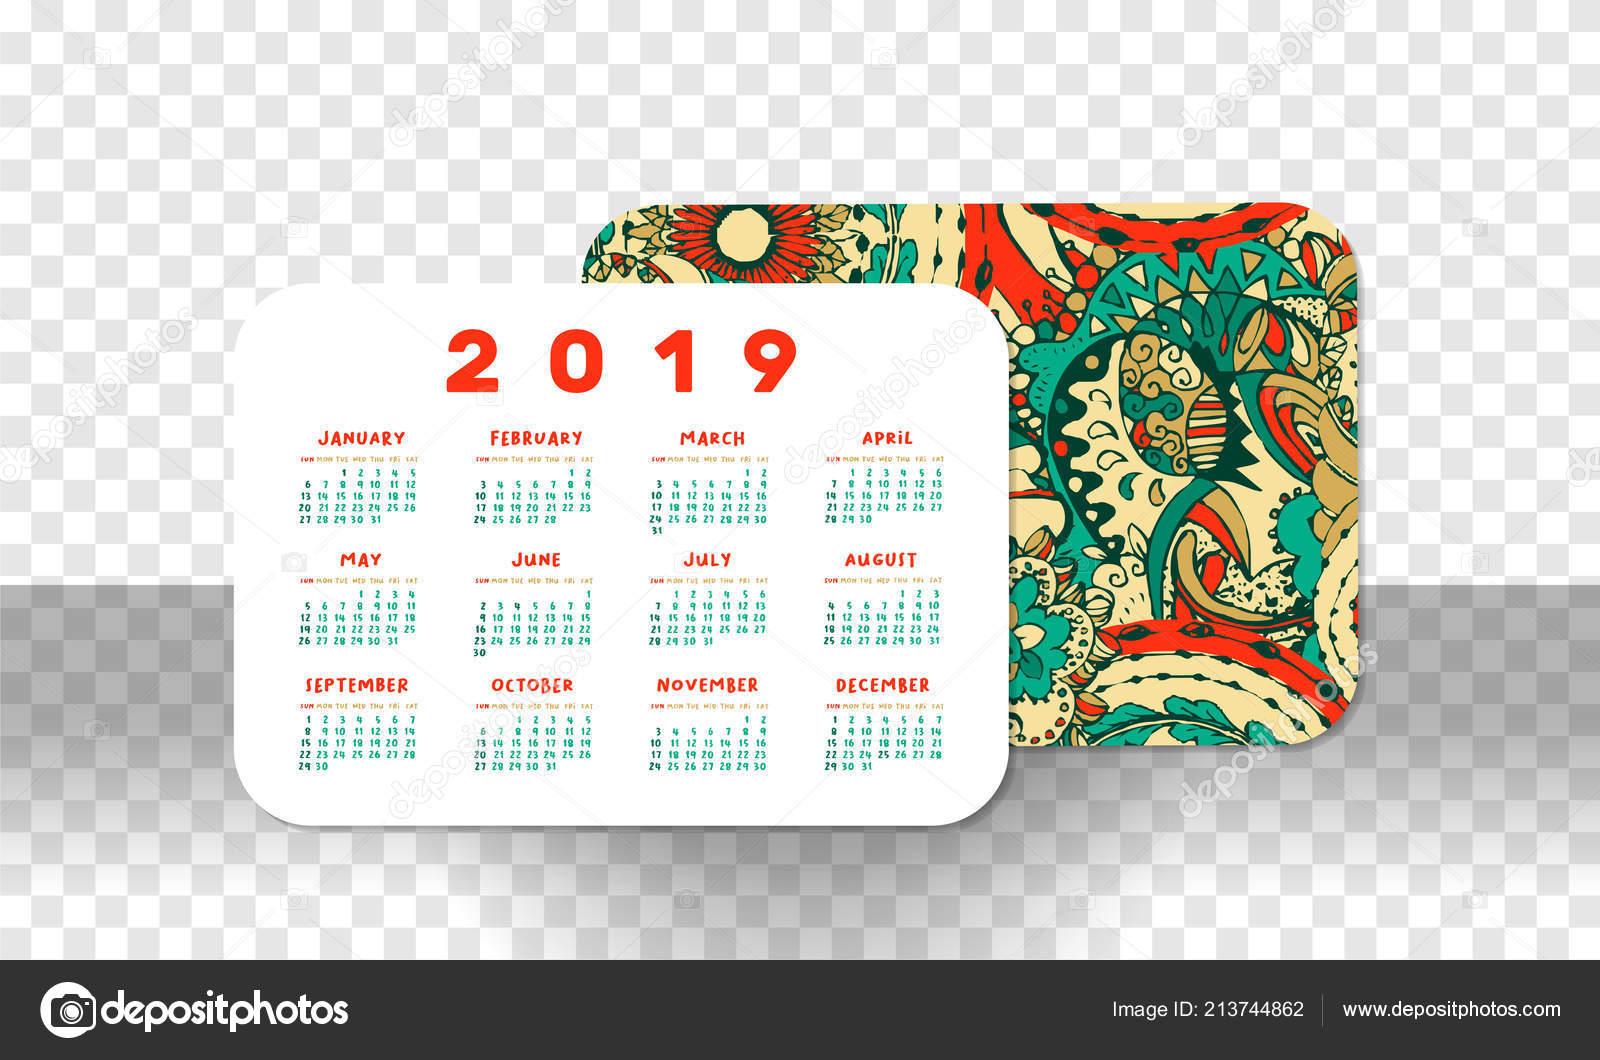 Calendrier De Poche 2019.Grille Base Calendrier Poche 2019 Orientation Horizontale